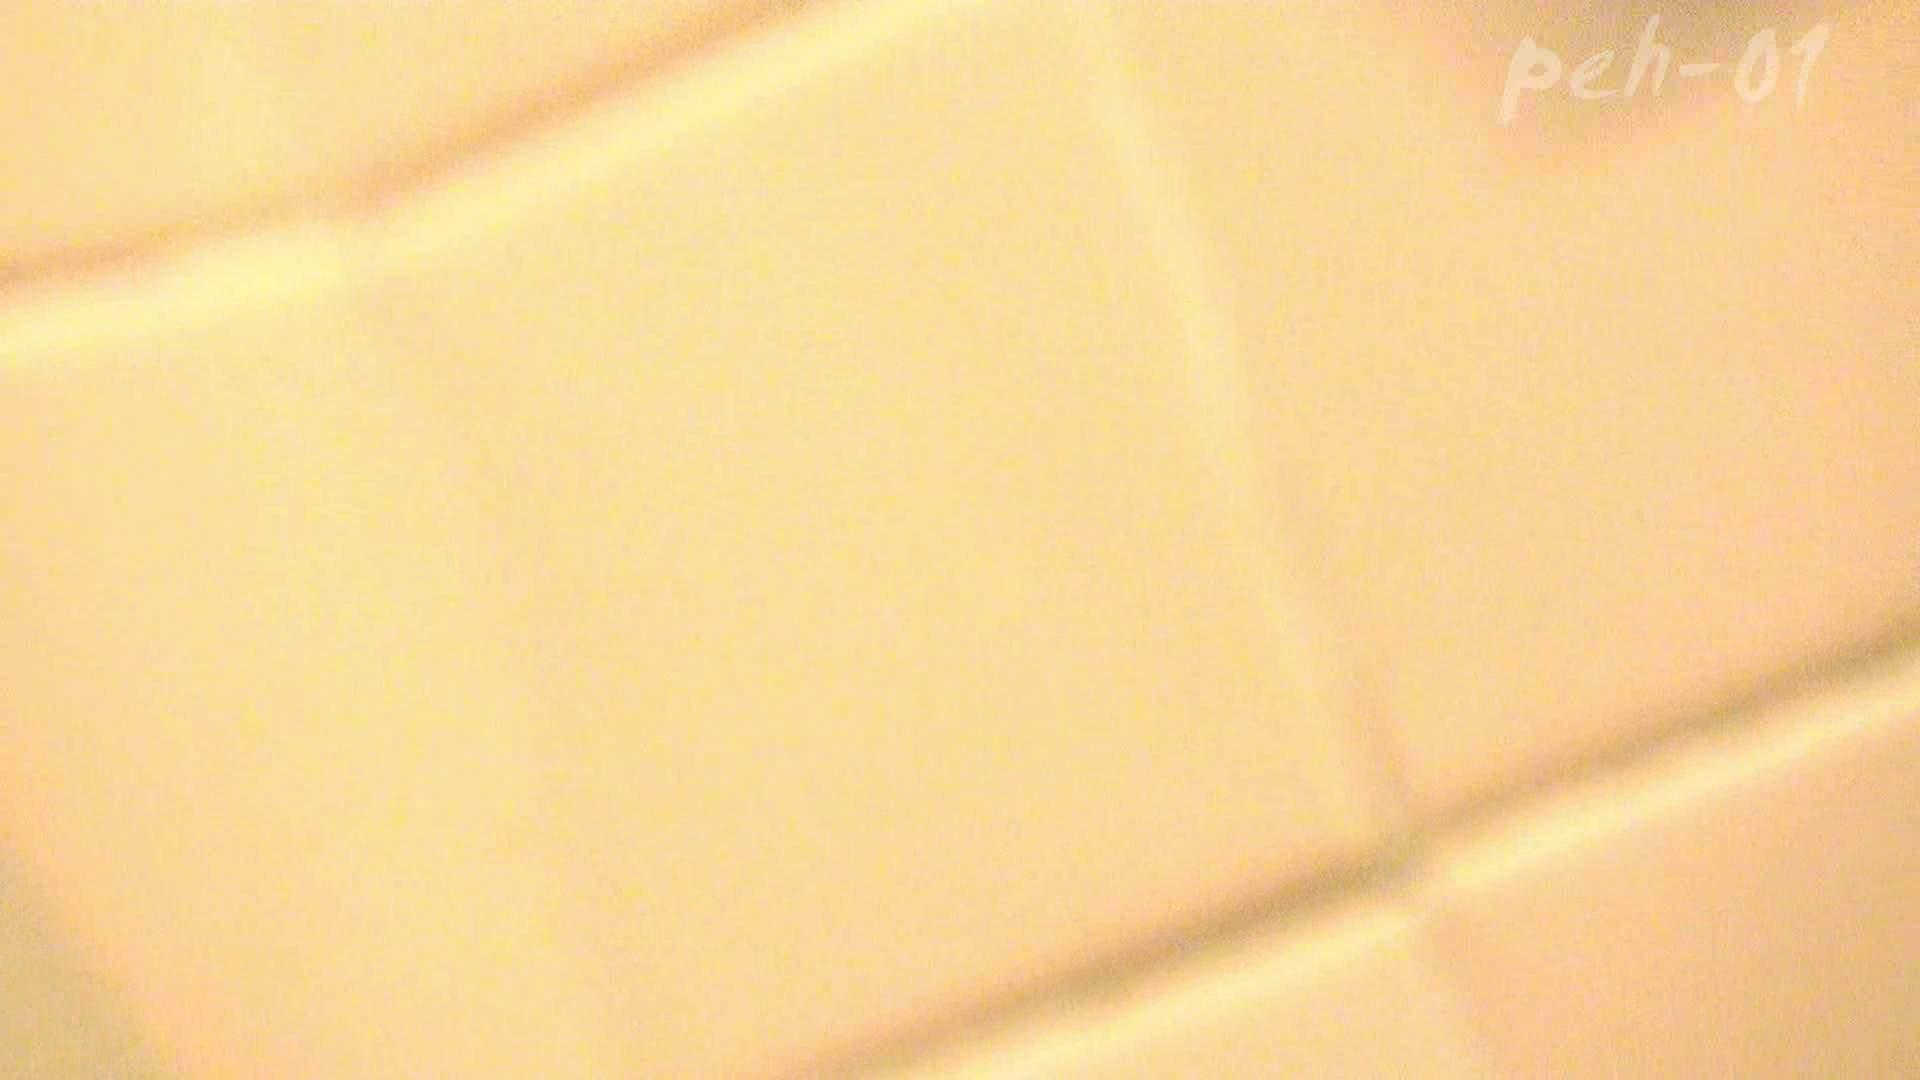 ※100個限定販売 至高下半身盗撮 プレミアム Vol.1 ハイビジョン 盗撮編 おめこ無修正動画無料 103枚 92